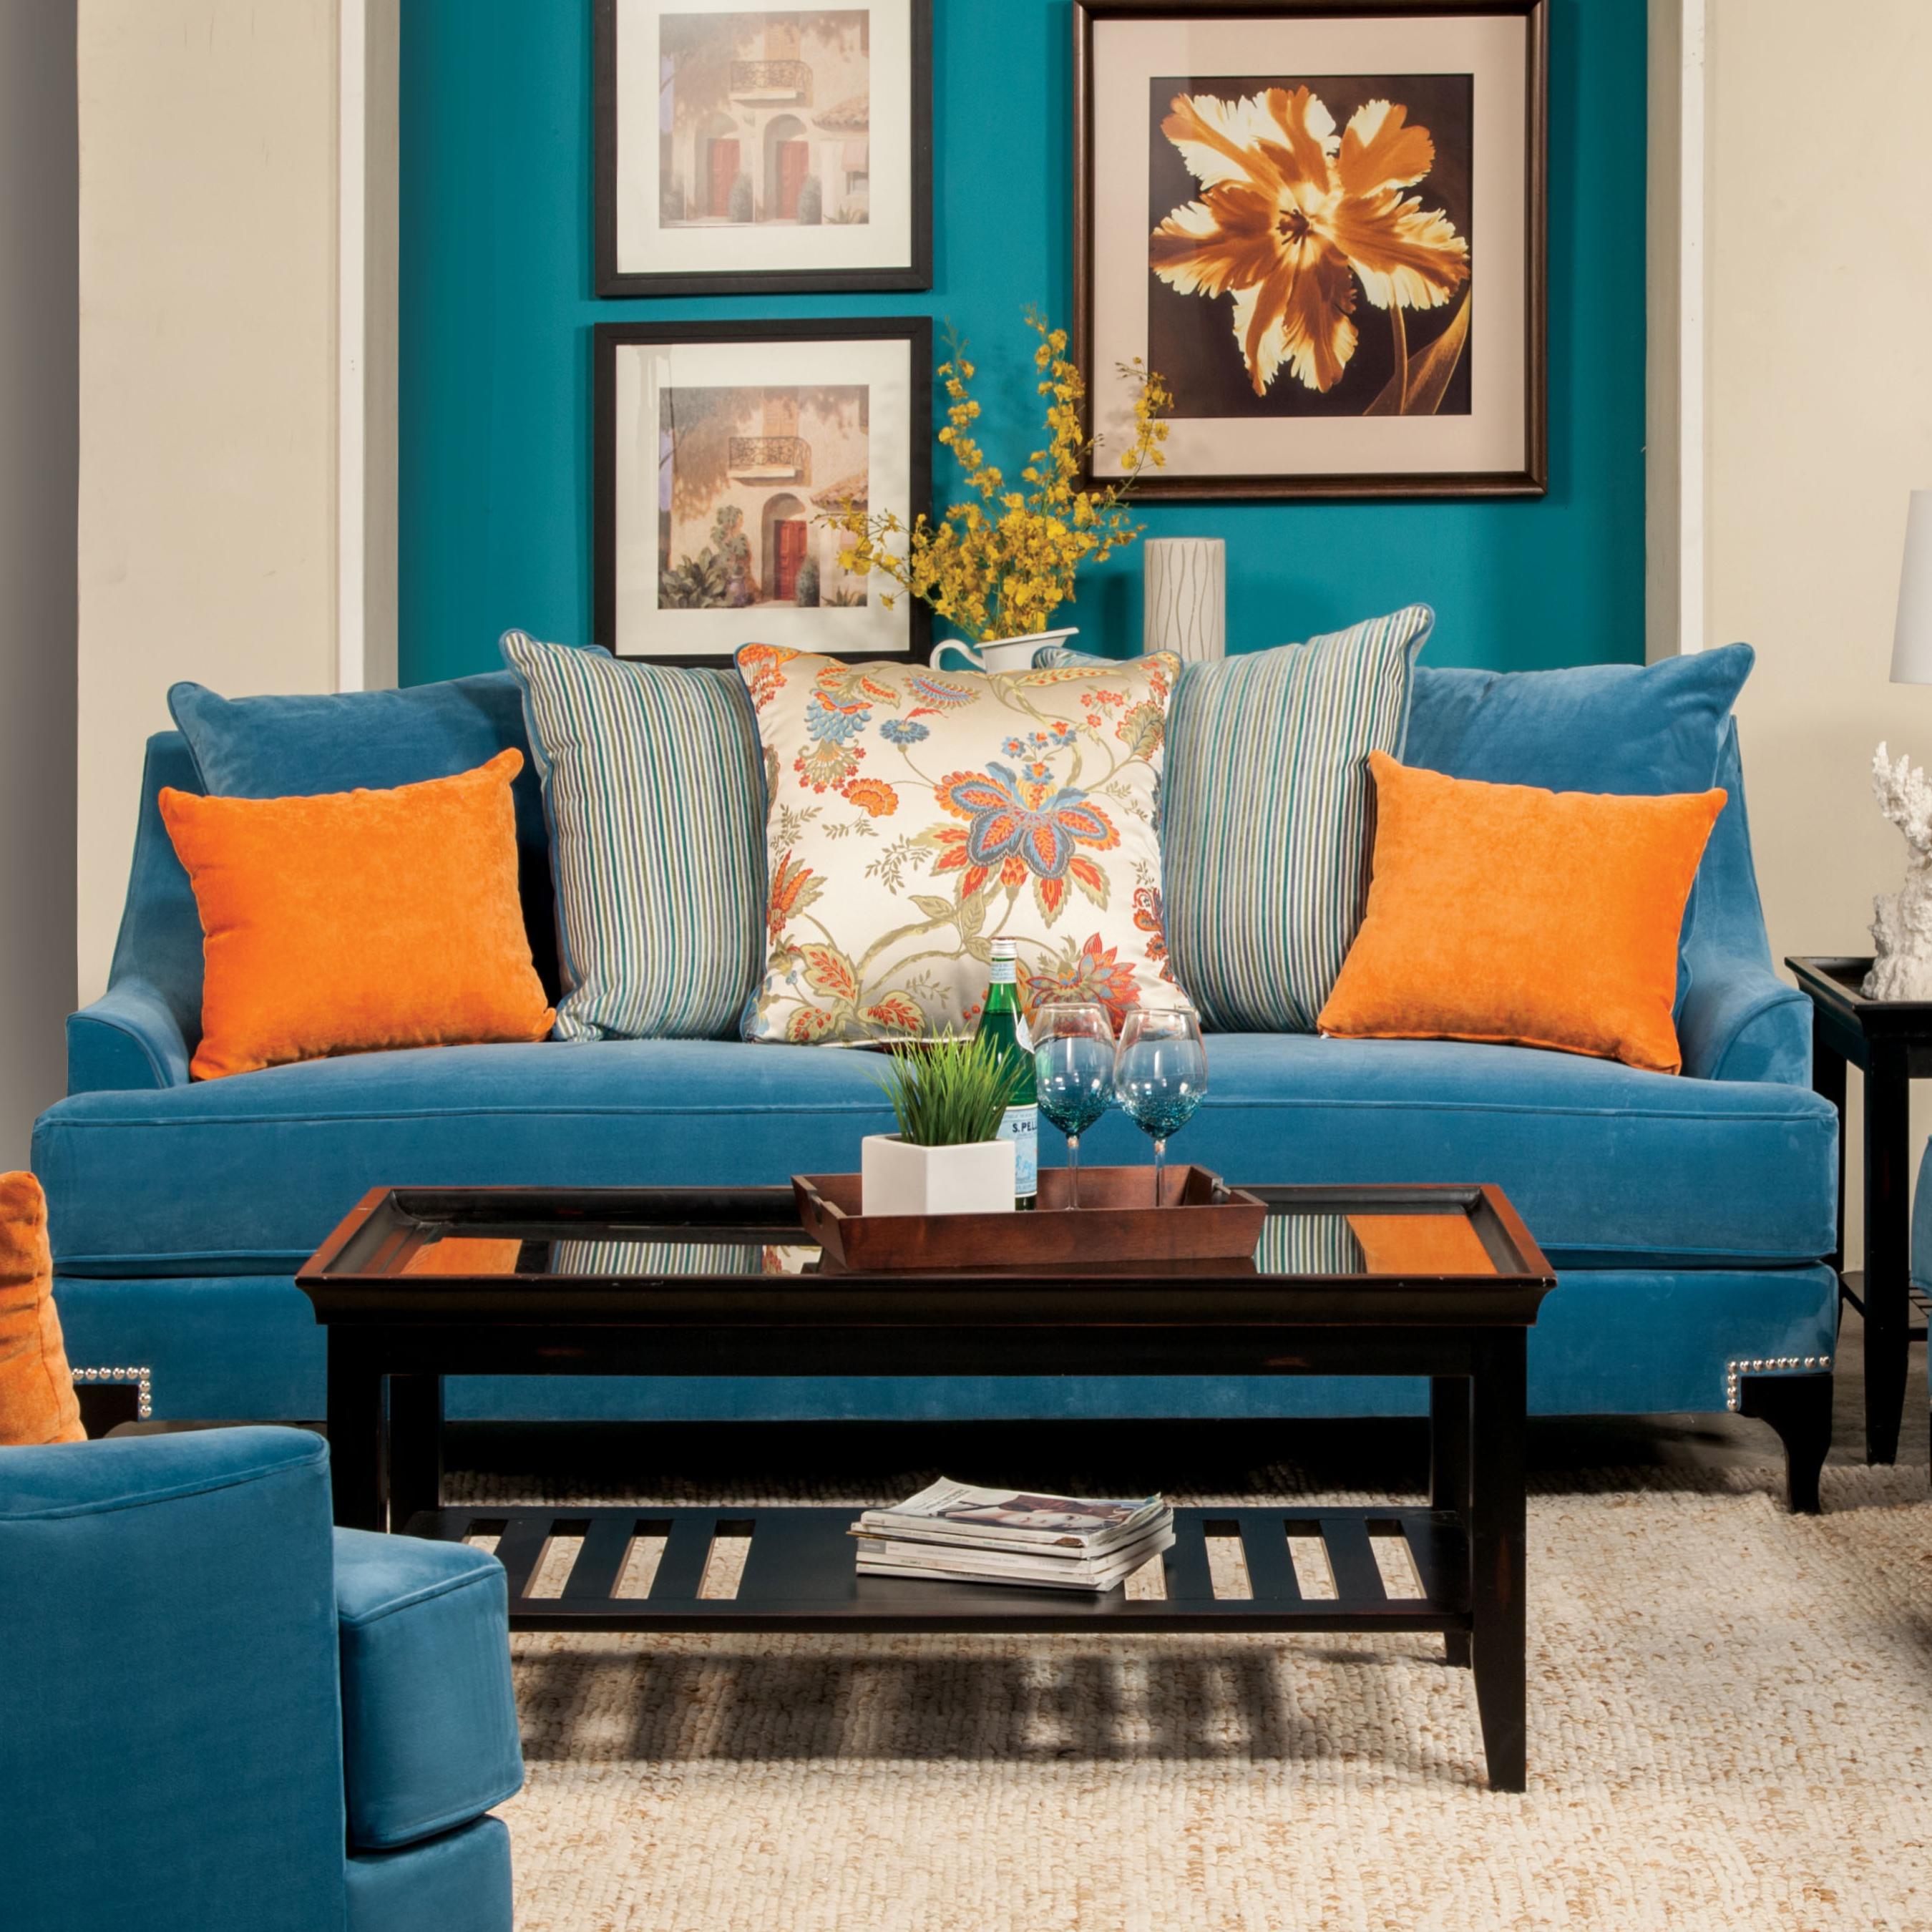 Furniture of America Peacock Blue Neliz Premium Sofa